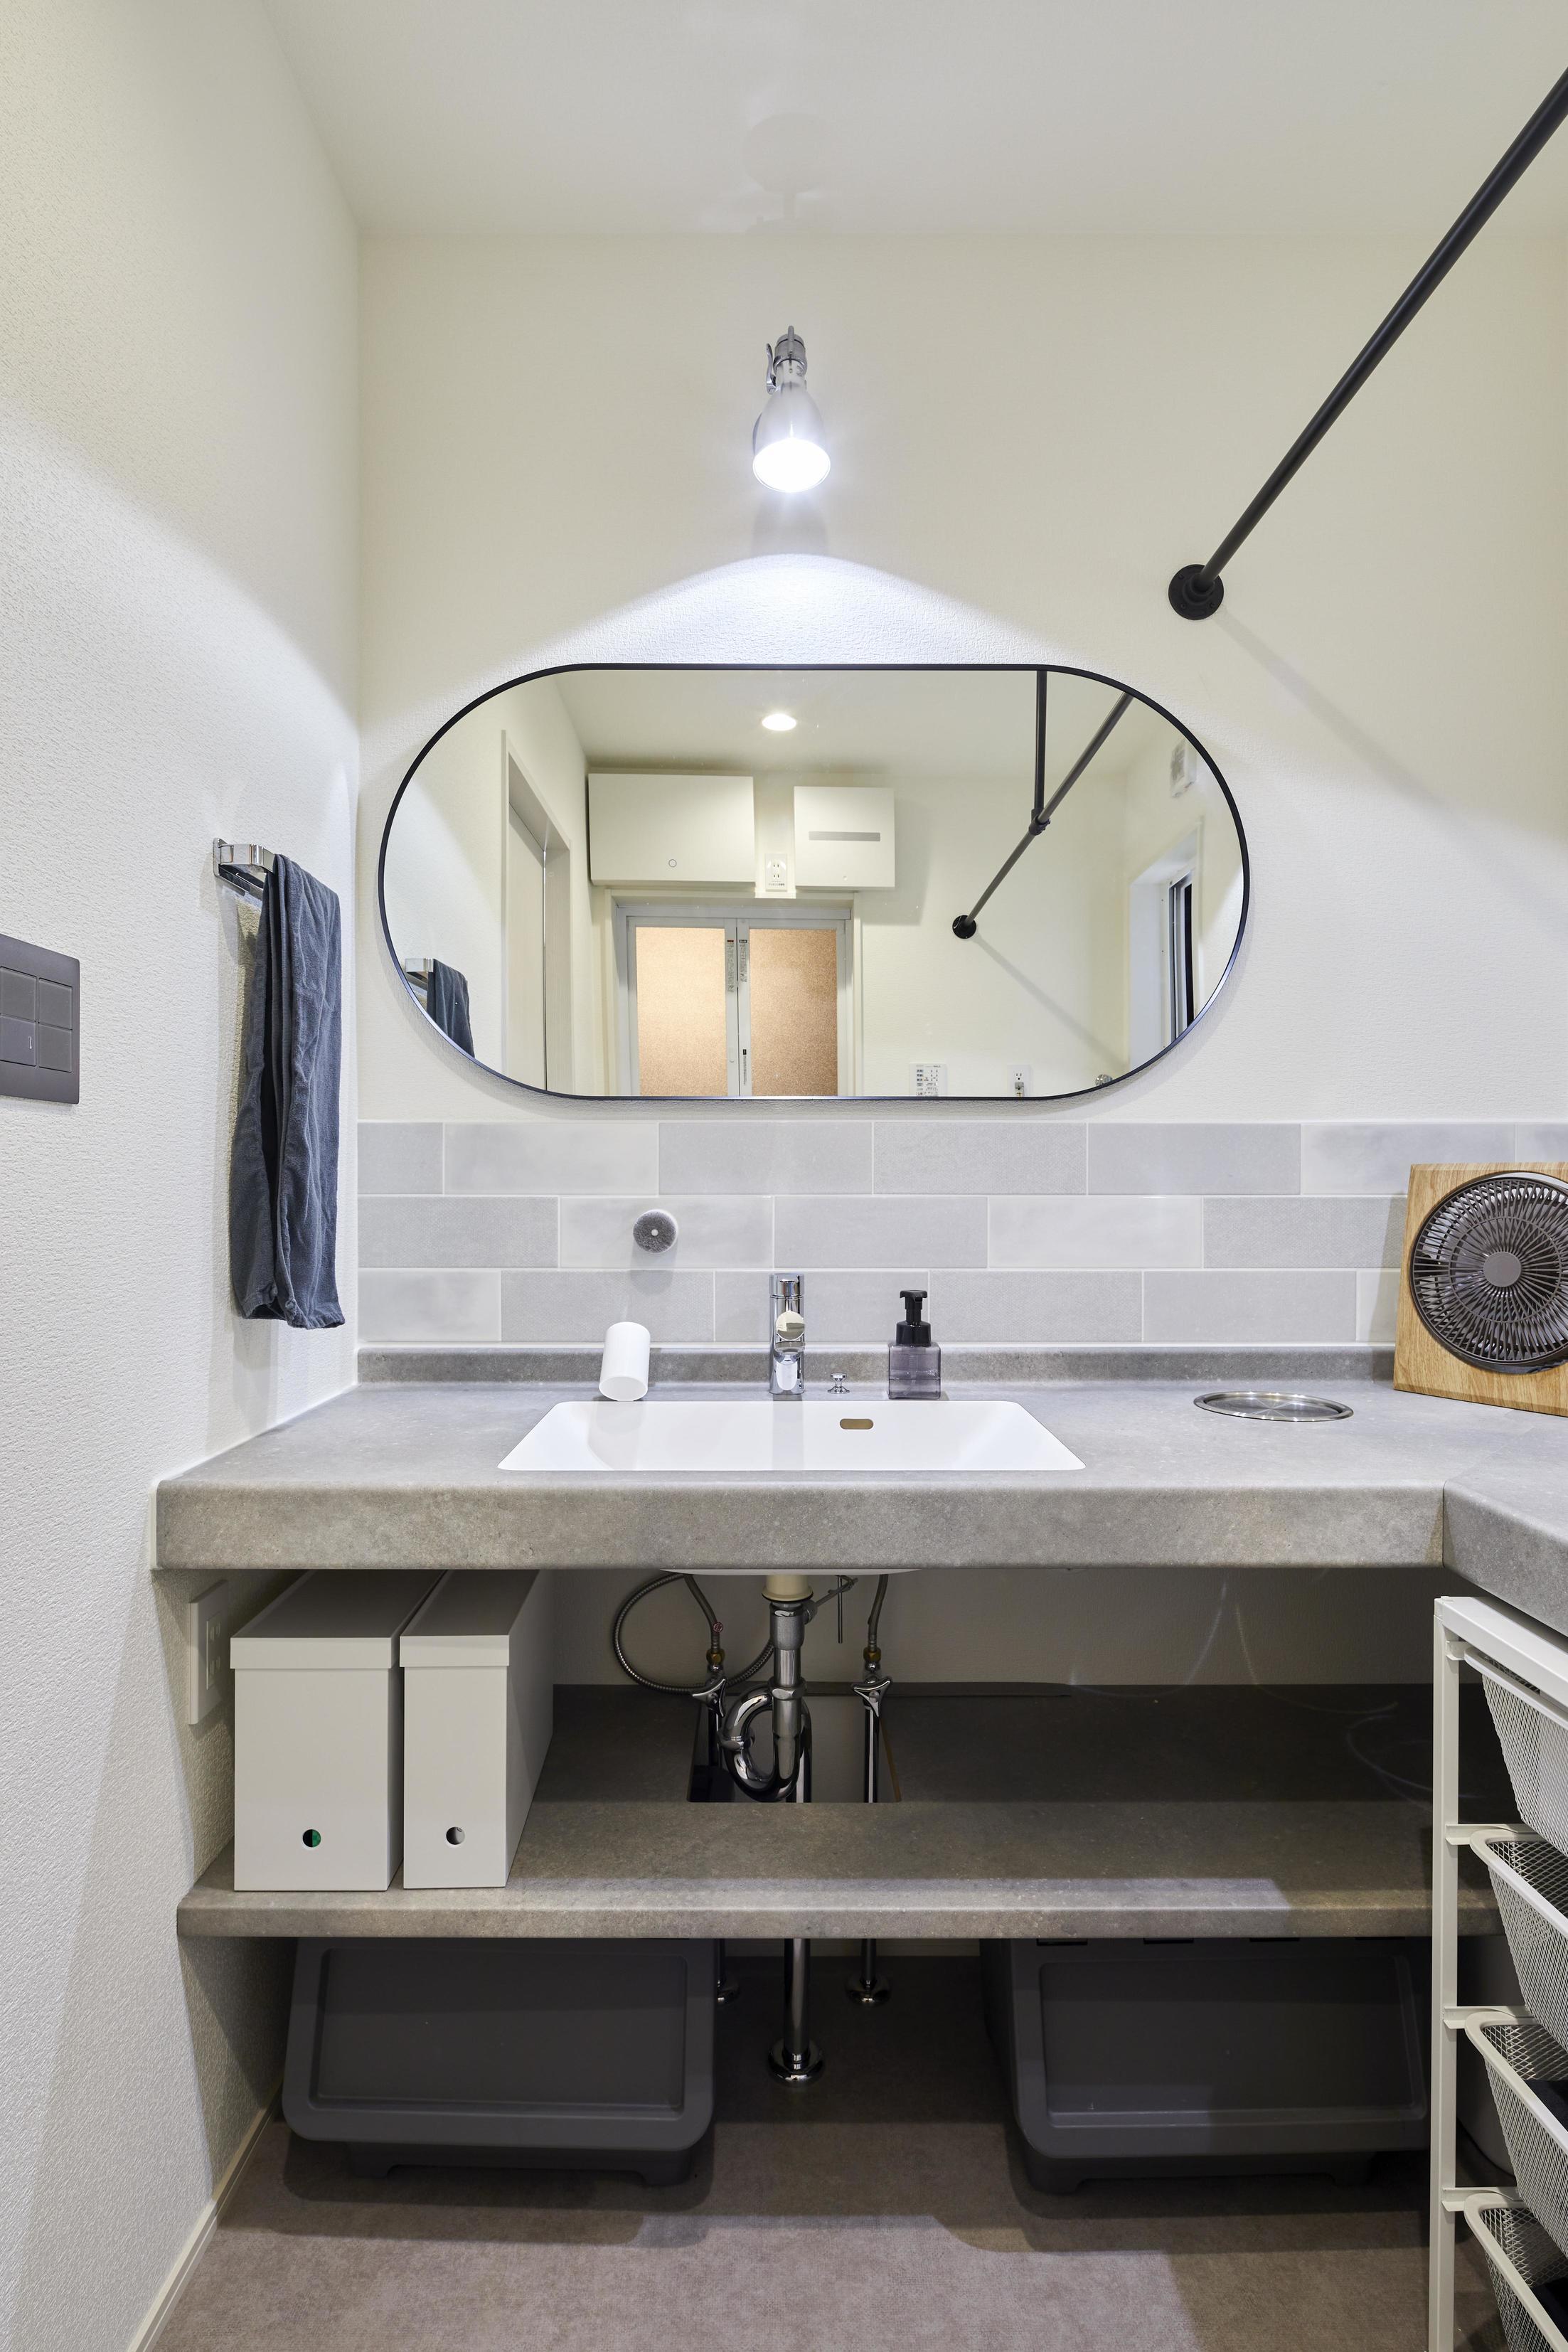 楕円型の鏡が可愛らしい洗面所。室内干しできるようにハンガーパイプも設置している